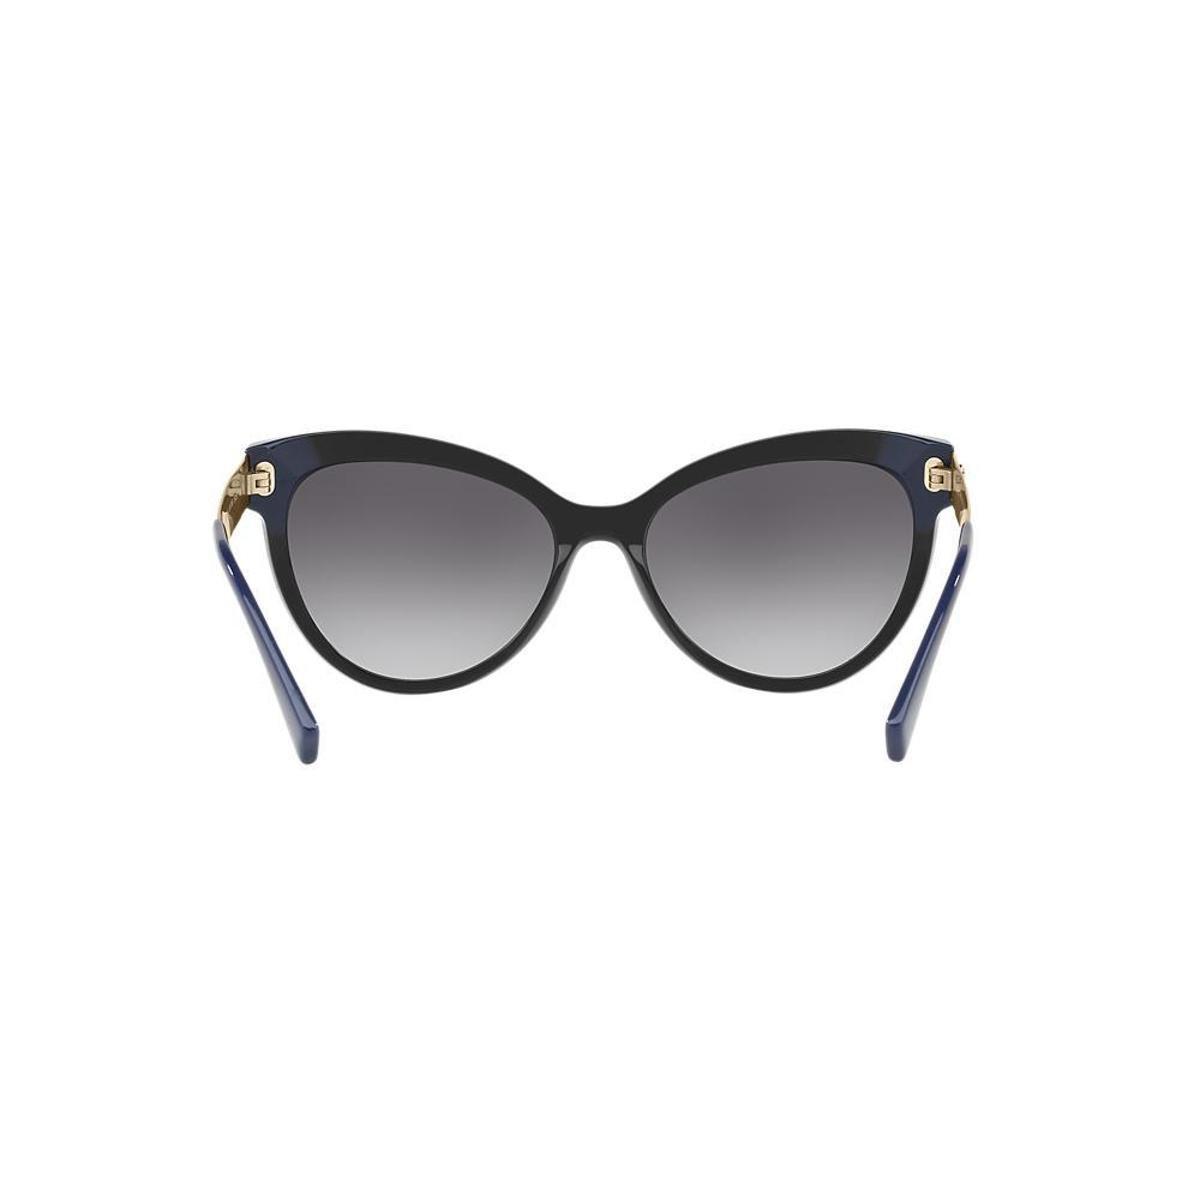 0068862f7b5b4 Óculos de Sol Versace Gatinho VE4338 Feminino - Compre Agora   Zattini